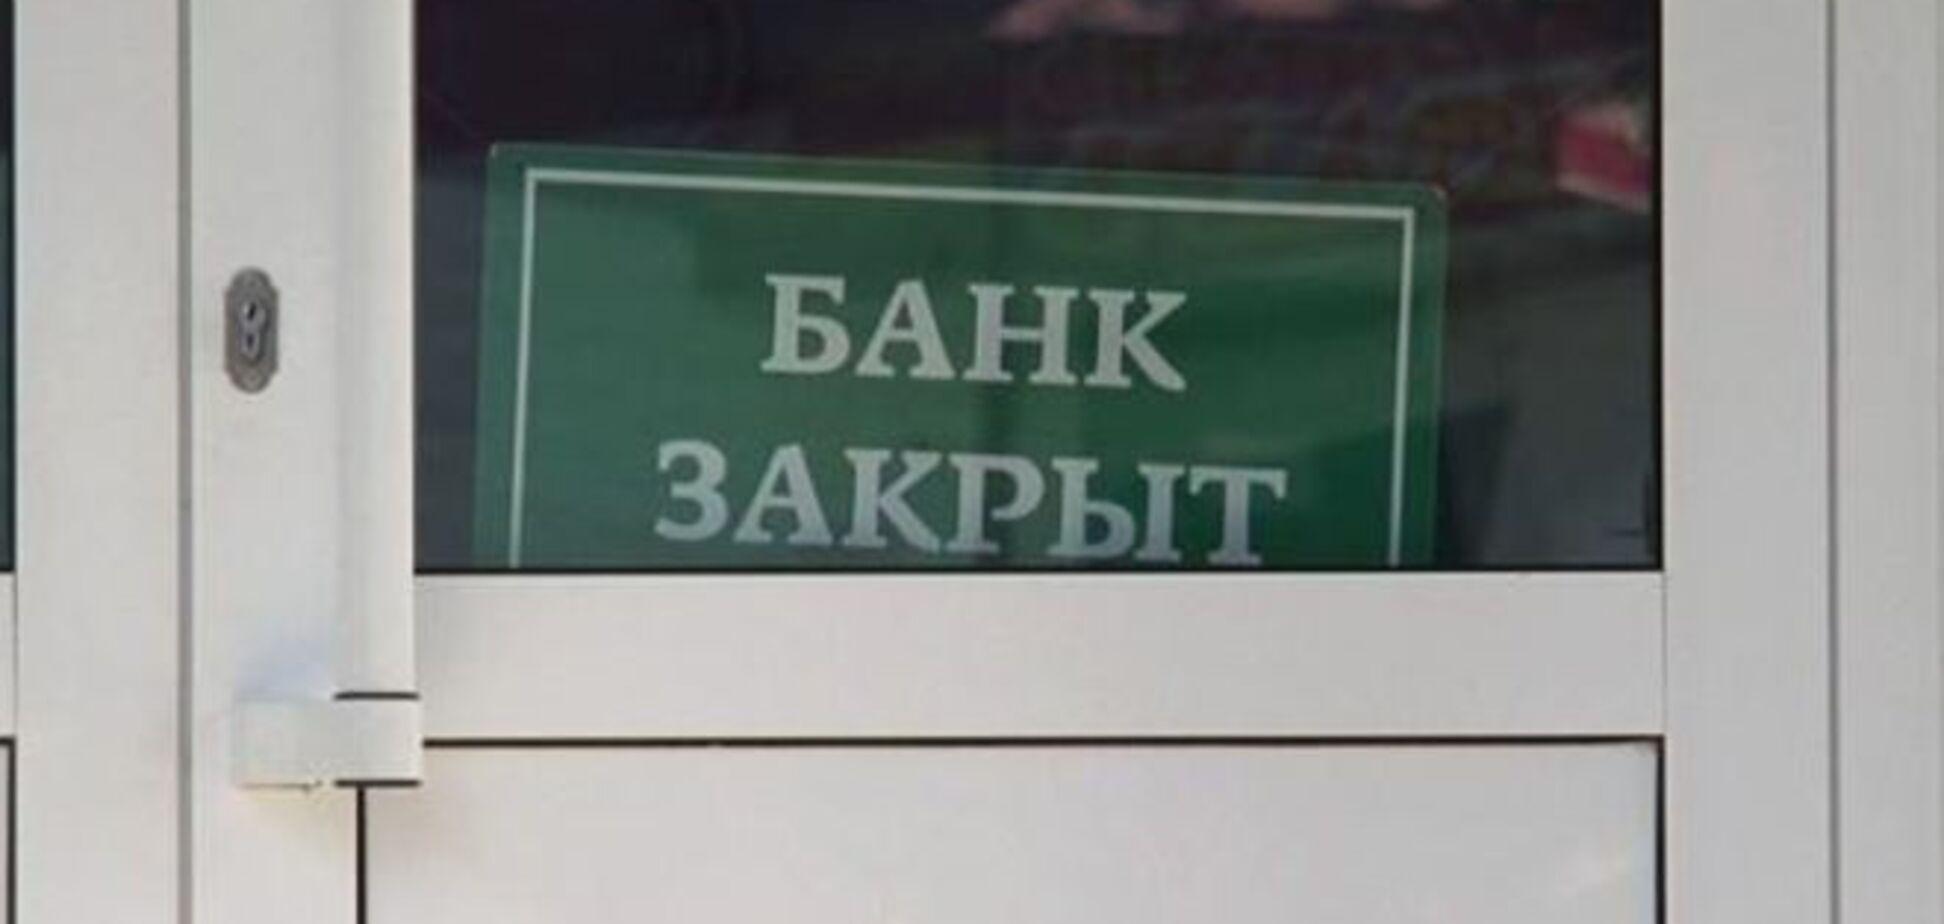 СМИ: в Крыму работают банки, которые занимаются отмыванием денег